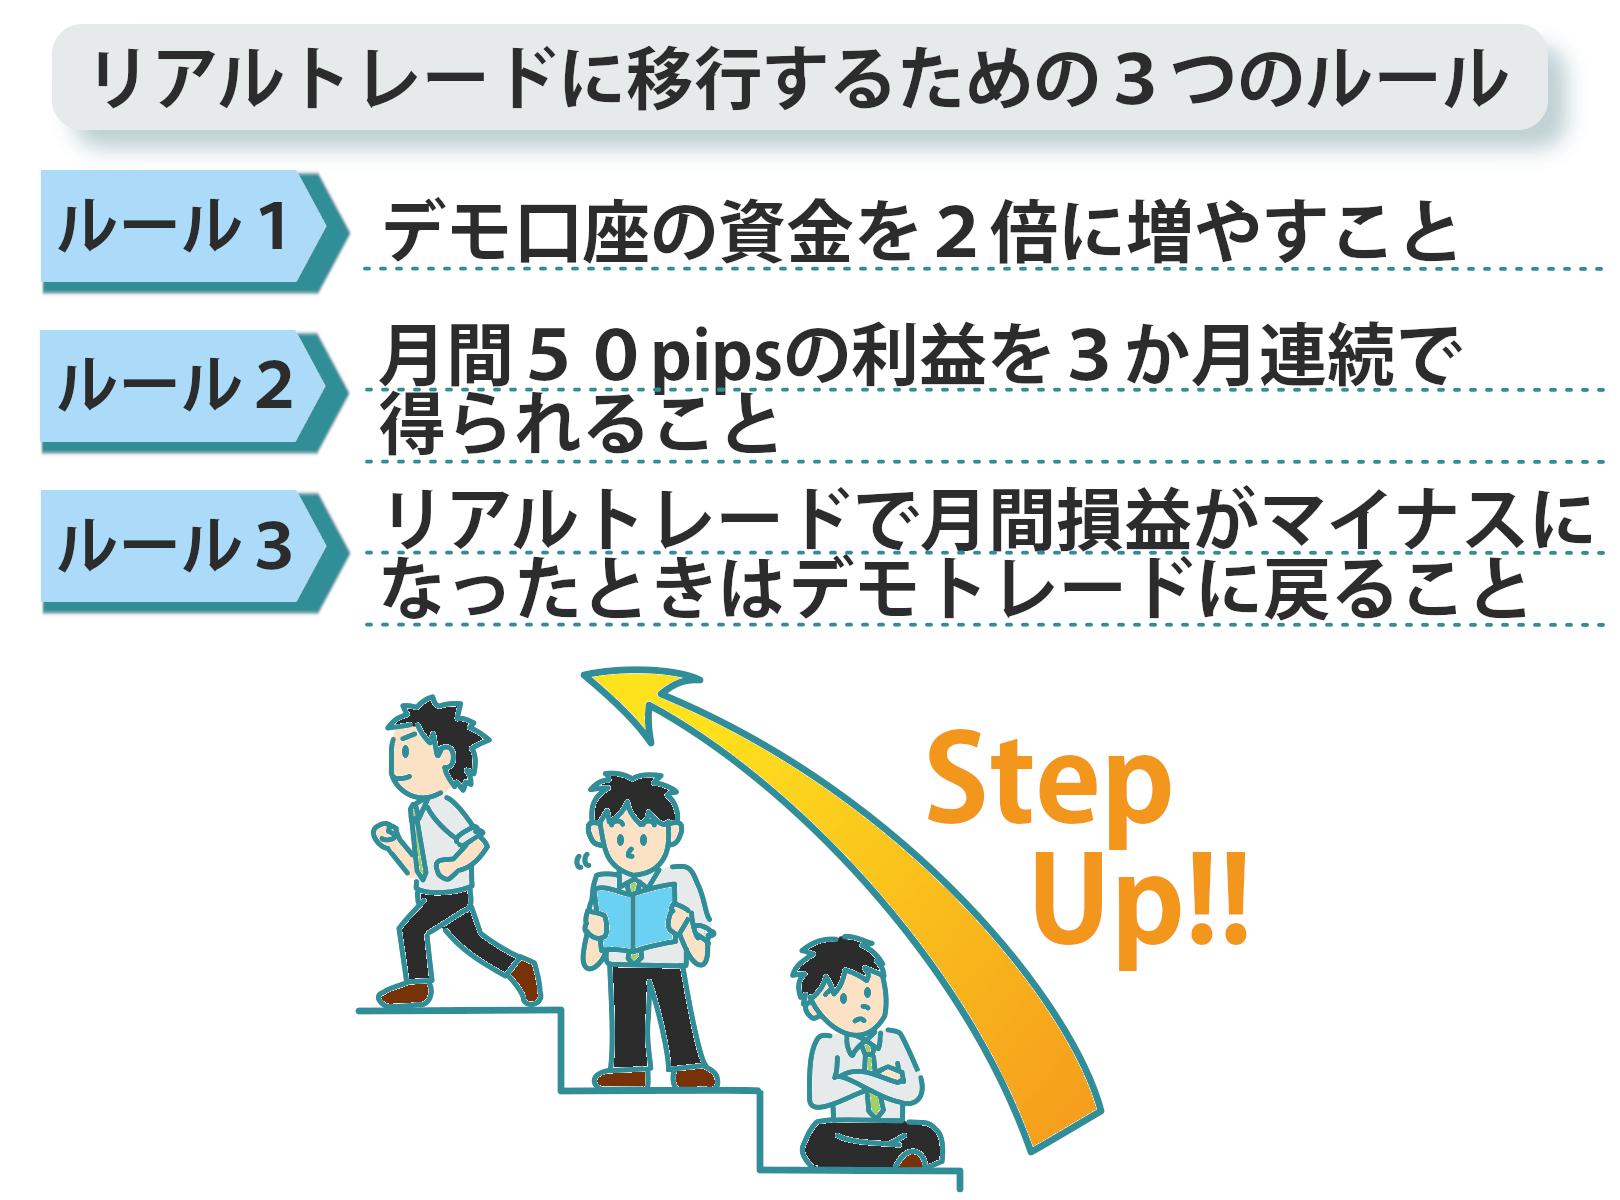 リアルトレードに移行するための3つのルール図